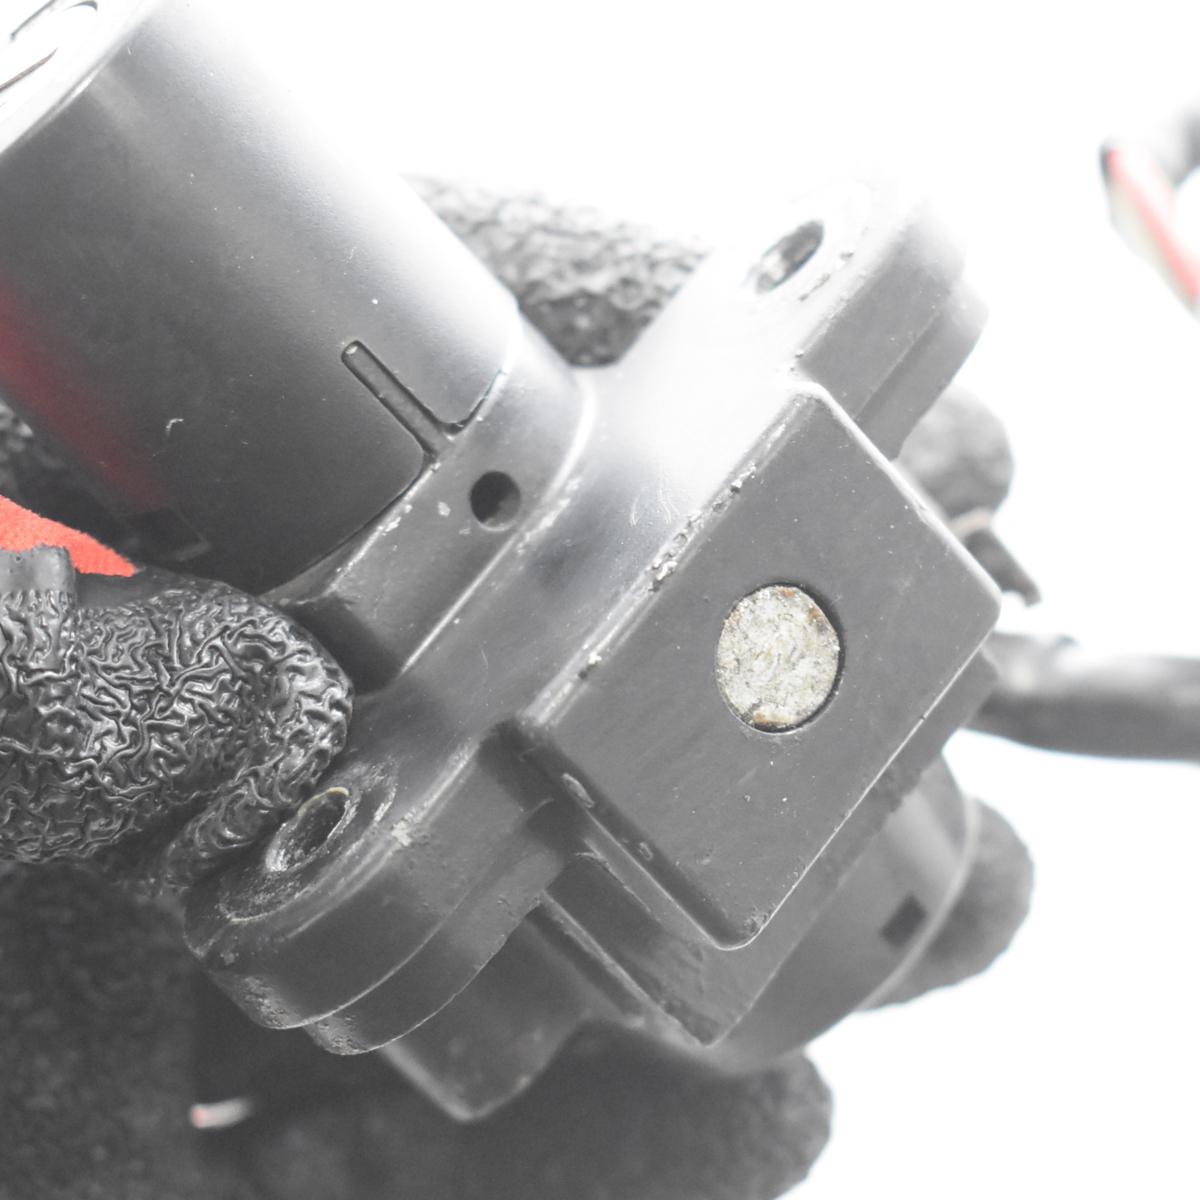 ドゥカティ SS900 ZDM1LC メインキー タンクキャップ シートロック 共通キーセット 【A】ASV_画像7